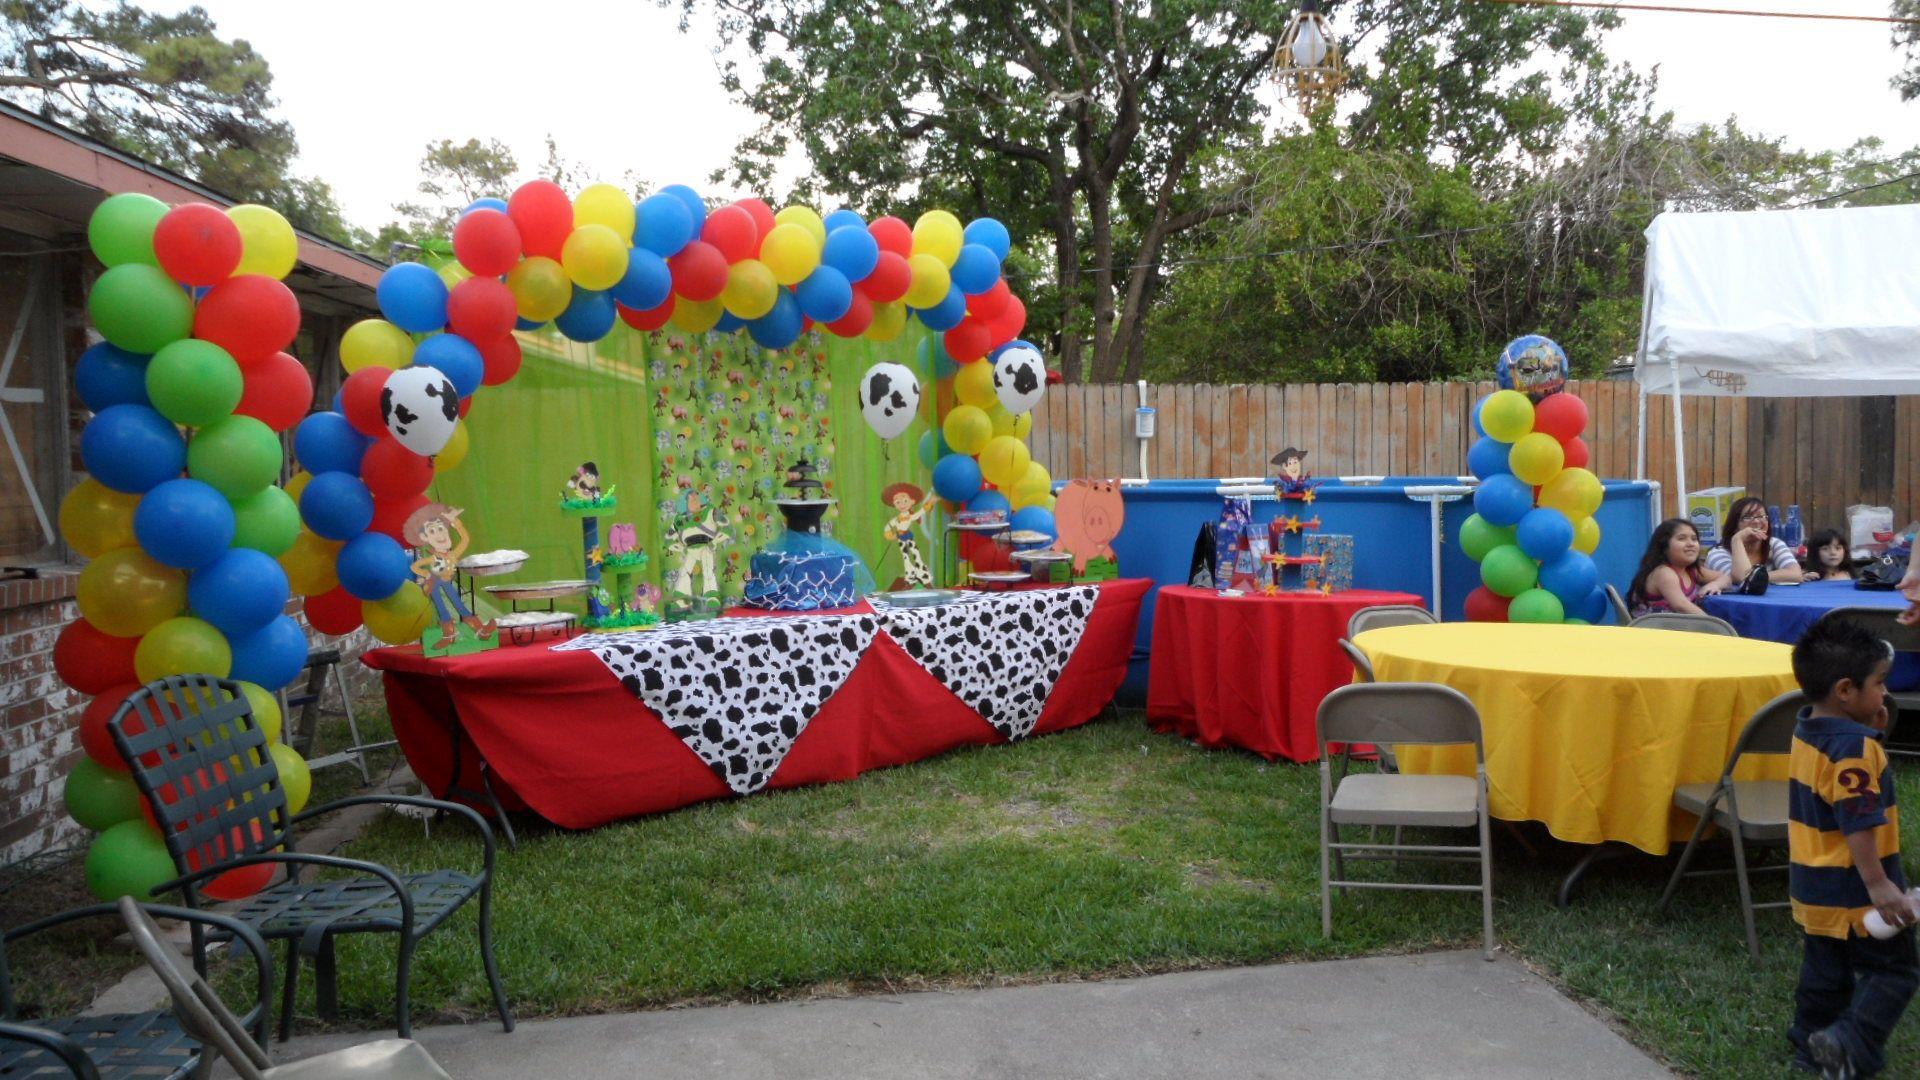 Blog De Fiestas Decoraciones Para Fiestas De Toy Story En